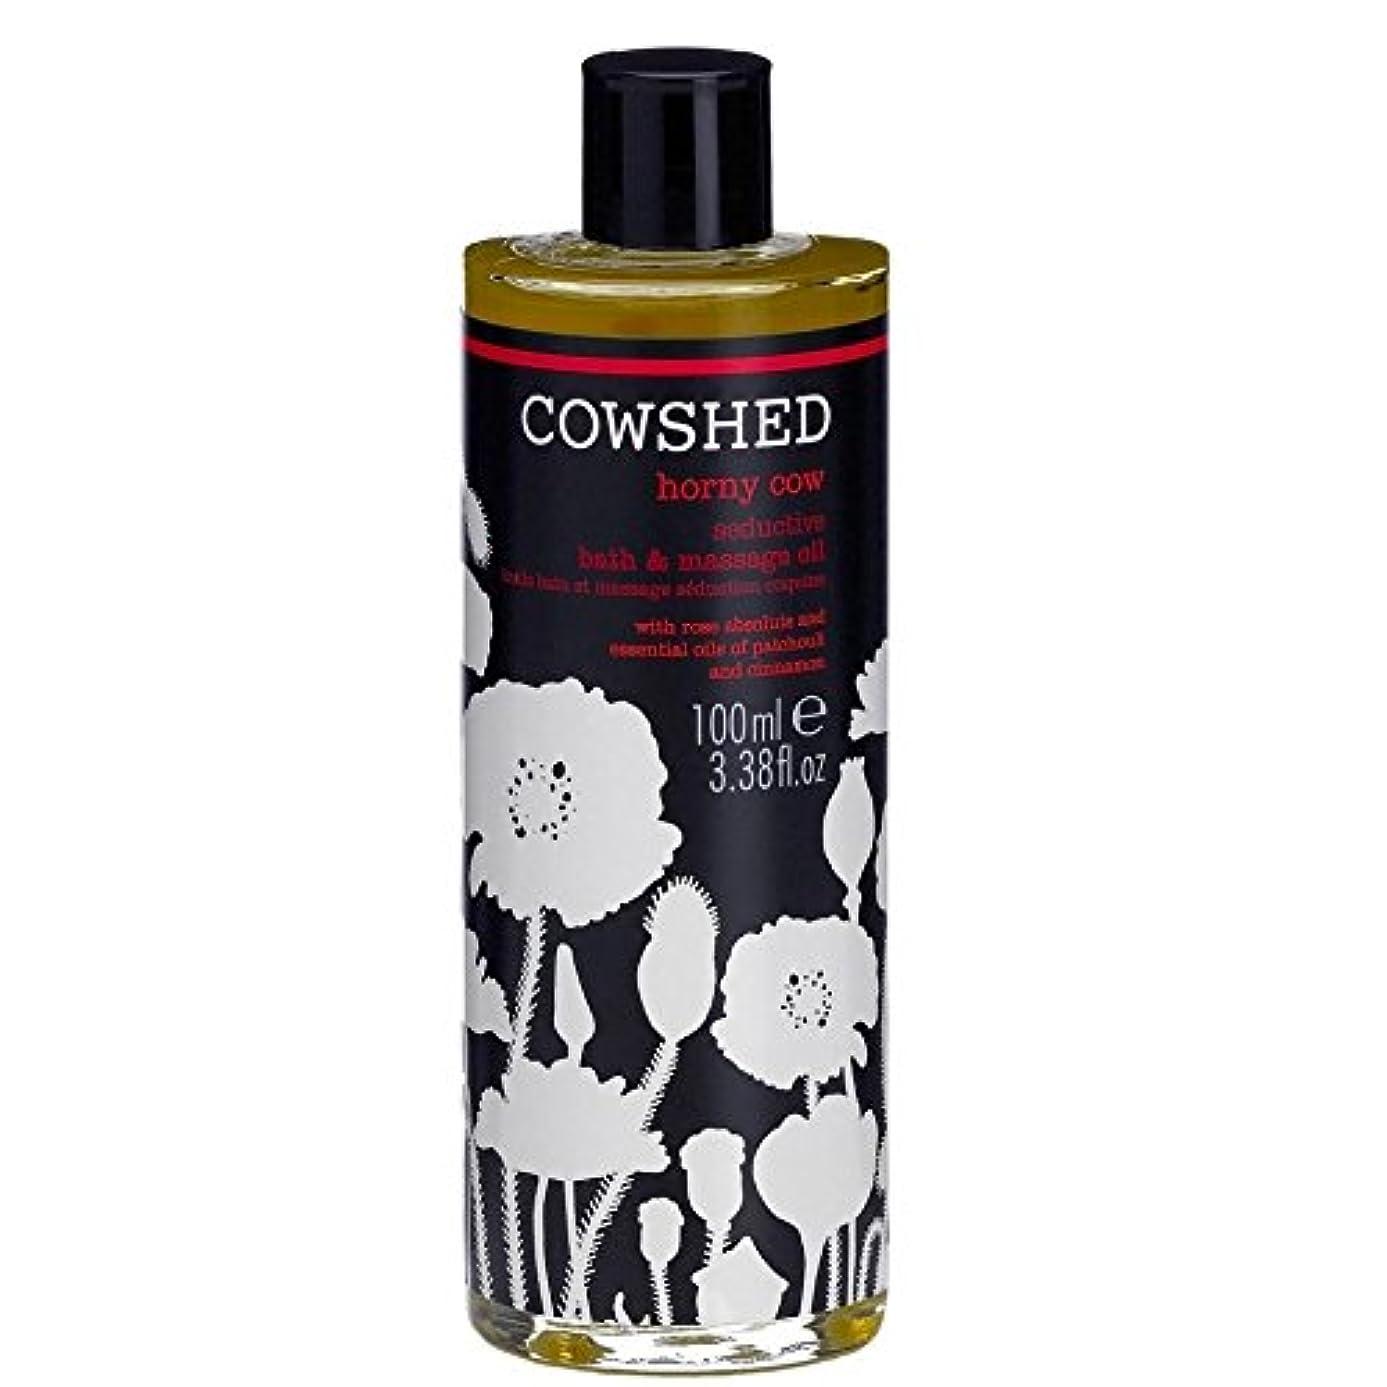 恐竜無条件乱す牛舎角質牛魅惑的なバス、ボディオイル100ミリリットル x4 - Cowshed Horny Cow Seductive Bath and Body Oil 100ml (Pack of 4) [並行輸入品]